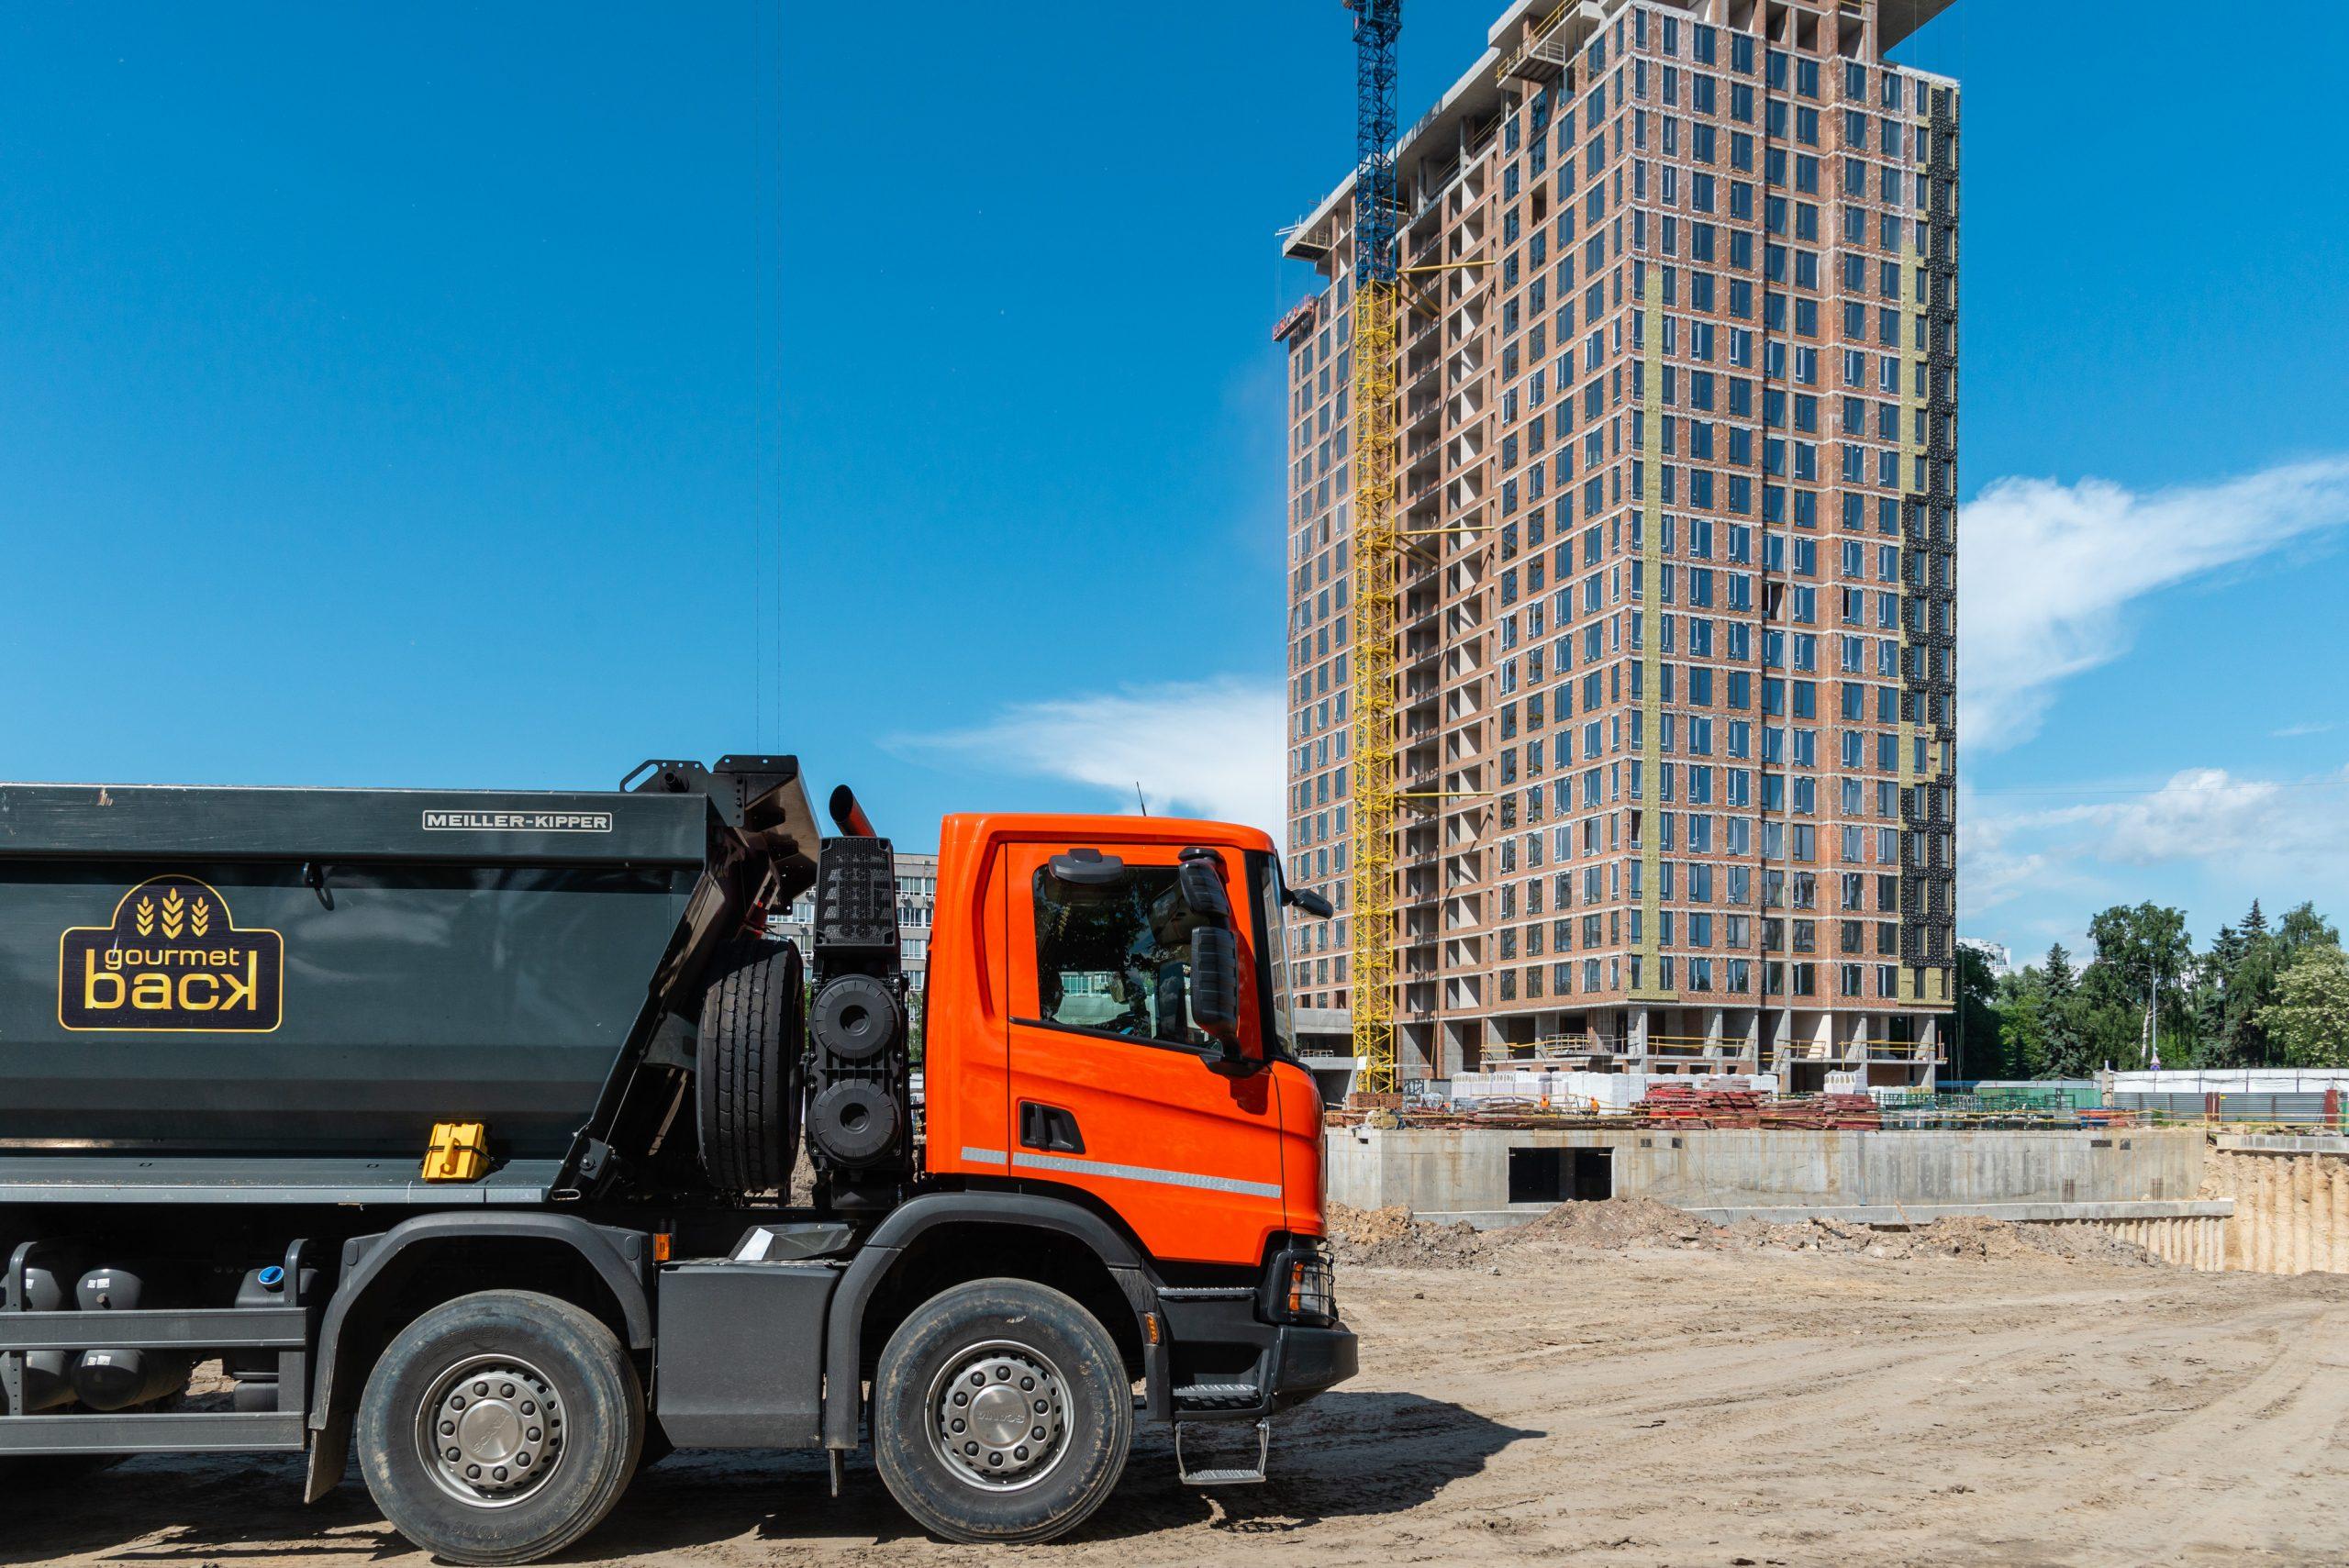 Строительство жилого комплекса Creator City, июнь 2021 года